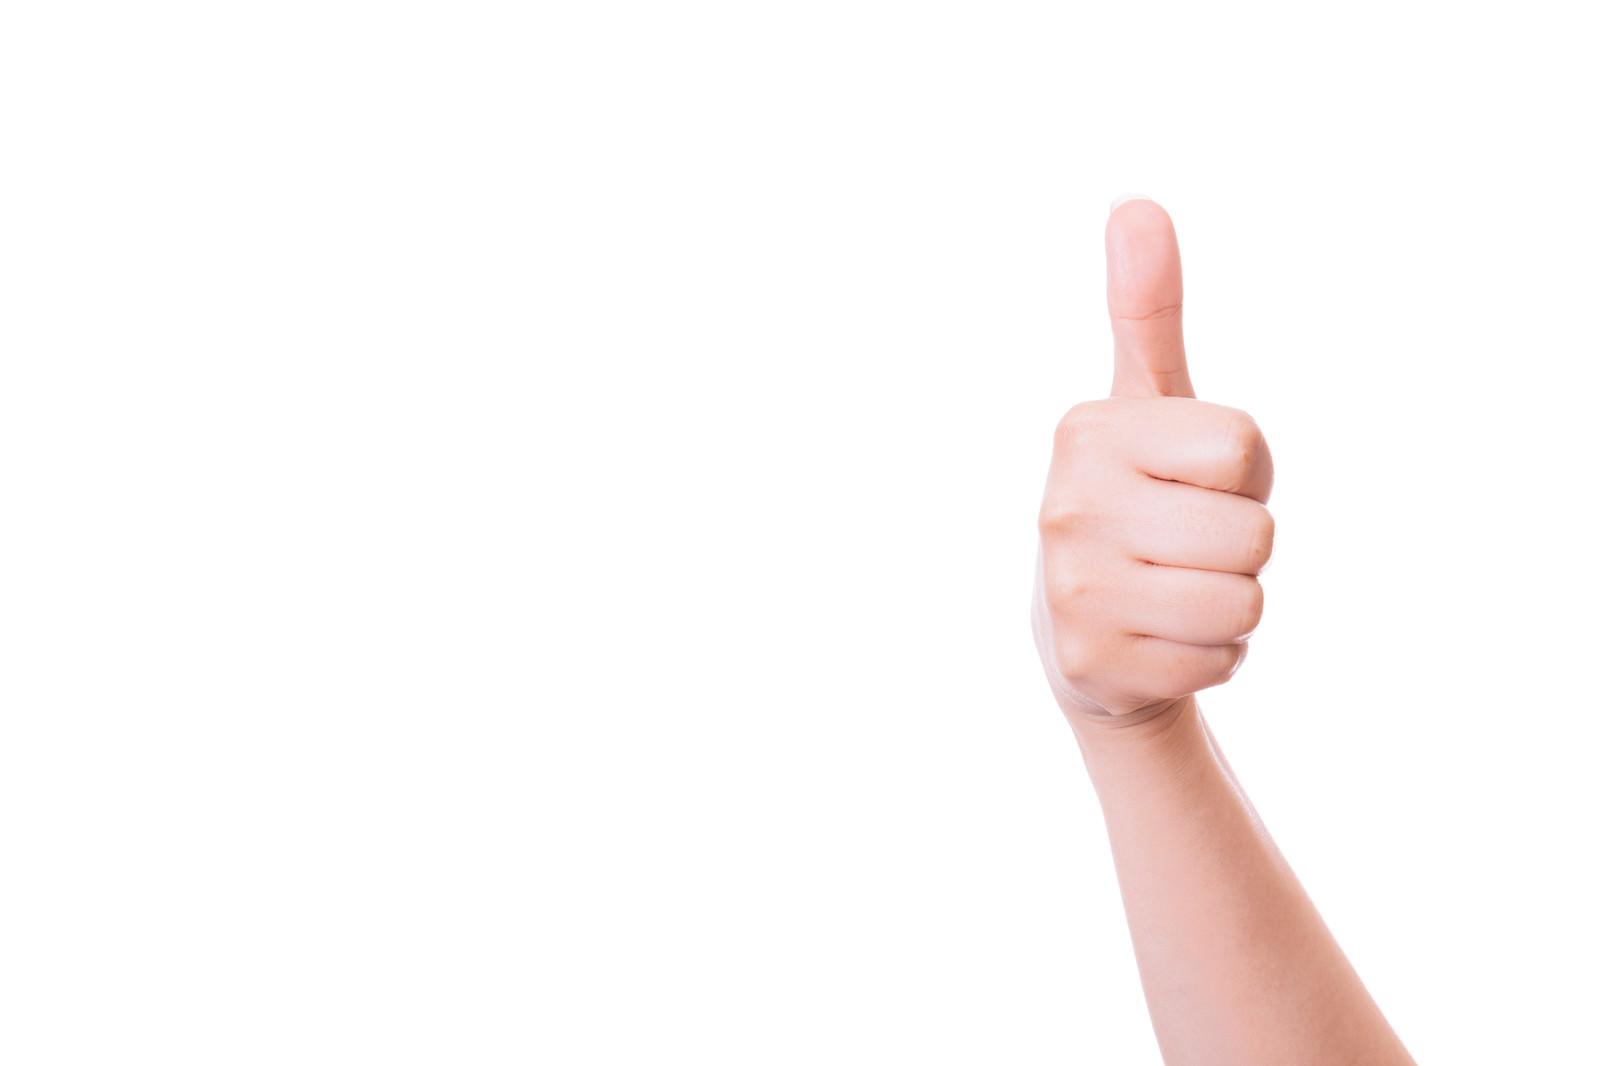 「親指がピンッ!いいね!親指がピンッ!いいね!」のフリー写真素材を拡大